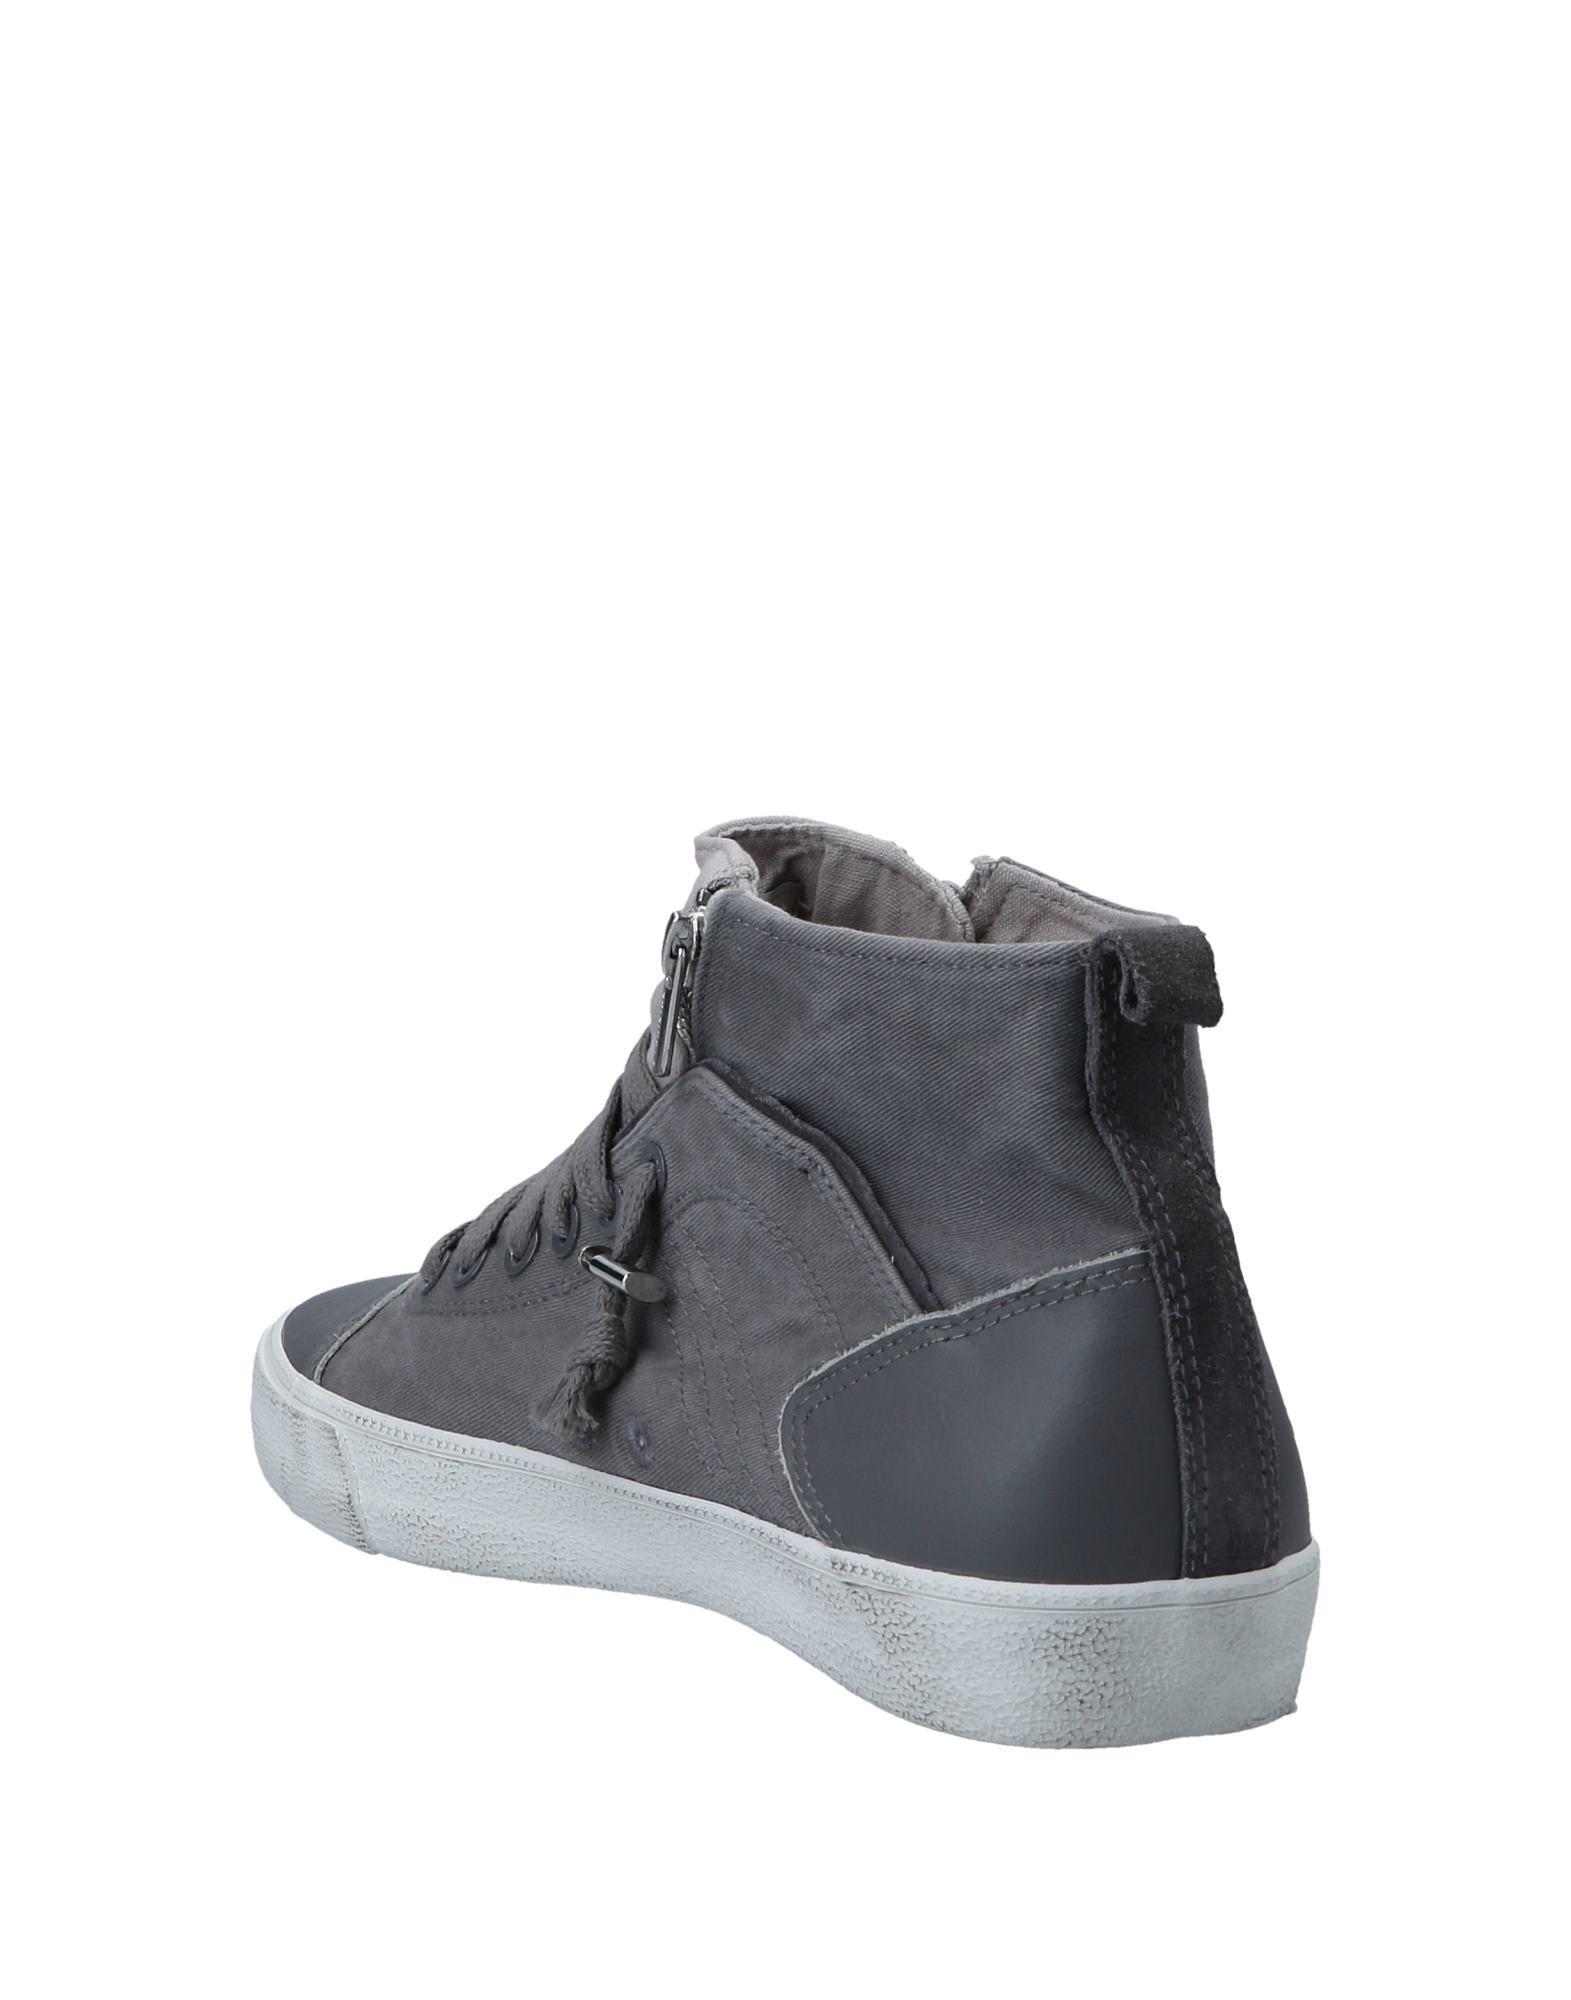 Rabatt echte Schuhe Herren Colmar Sneakers Herren Schuhe  11552846HN 71de8c